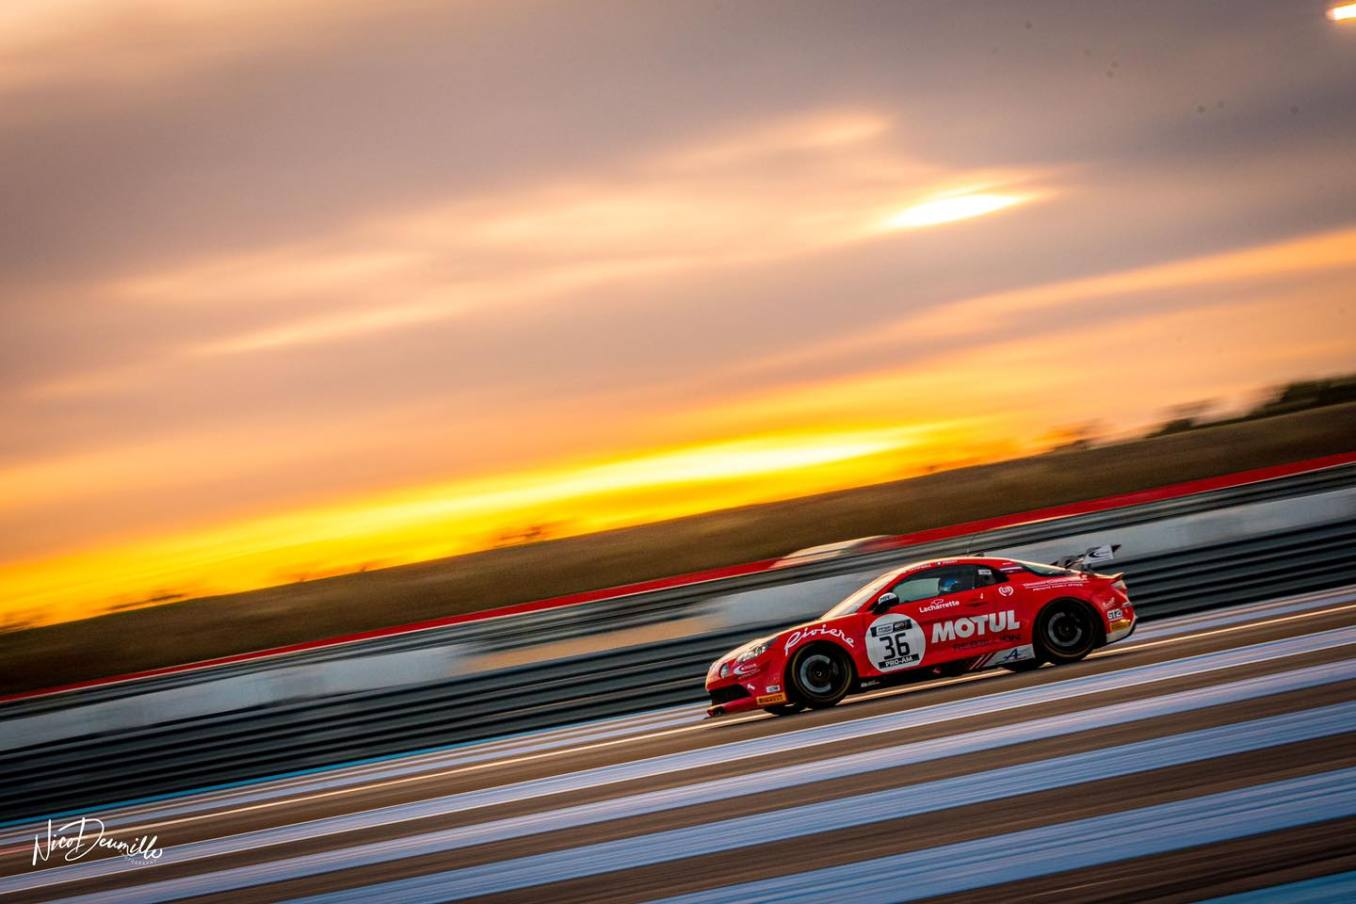 Alpine A110 GT4 FFSA GT Castellet Paul Ricard 2020 10 | Alpine A110 GT4 : Première victoire de Mirage Racing au Castellet en FFSA GT 2020